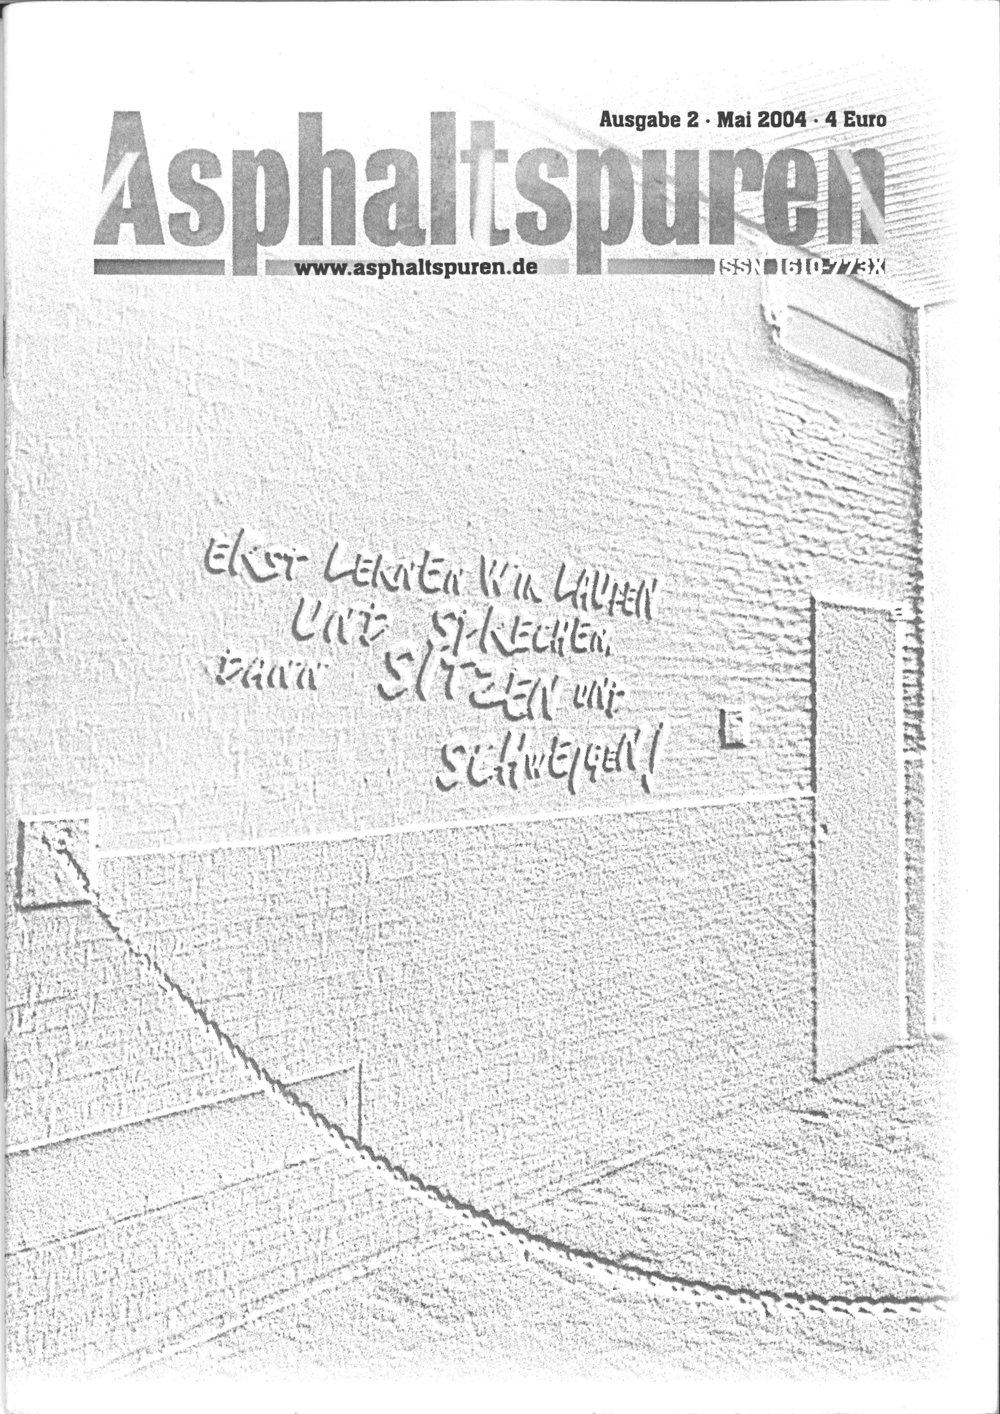 ASPHALTSPUREN_2_COVER_mini.jpg